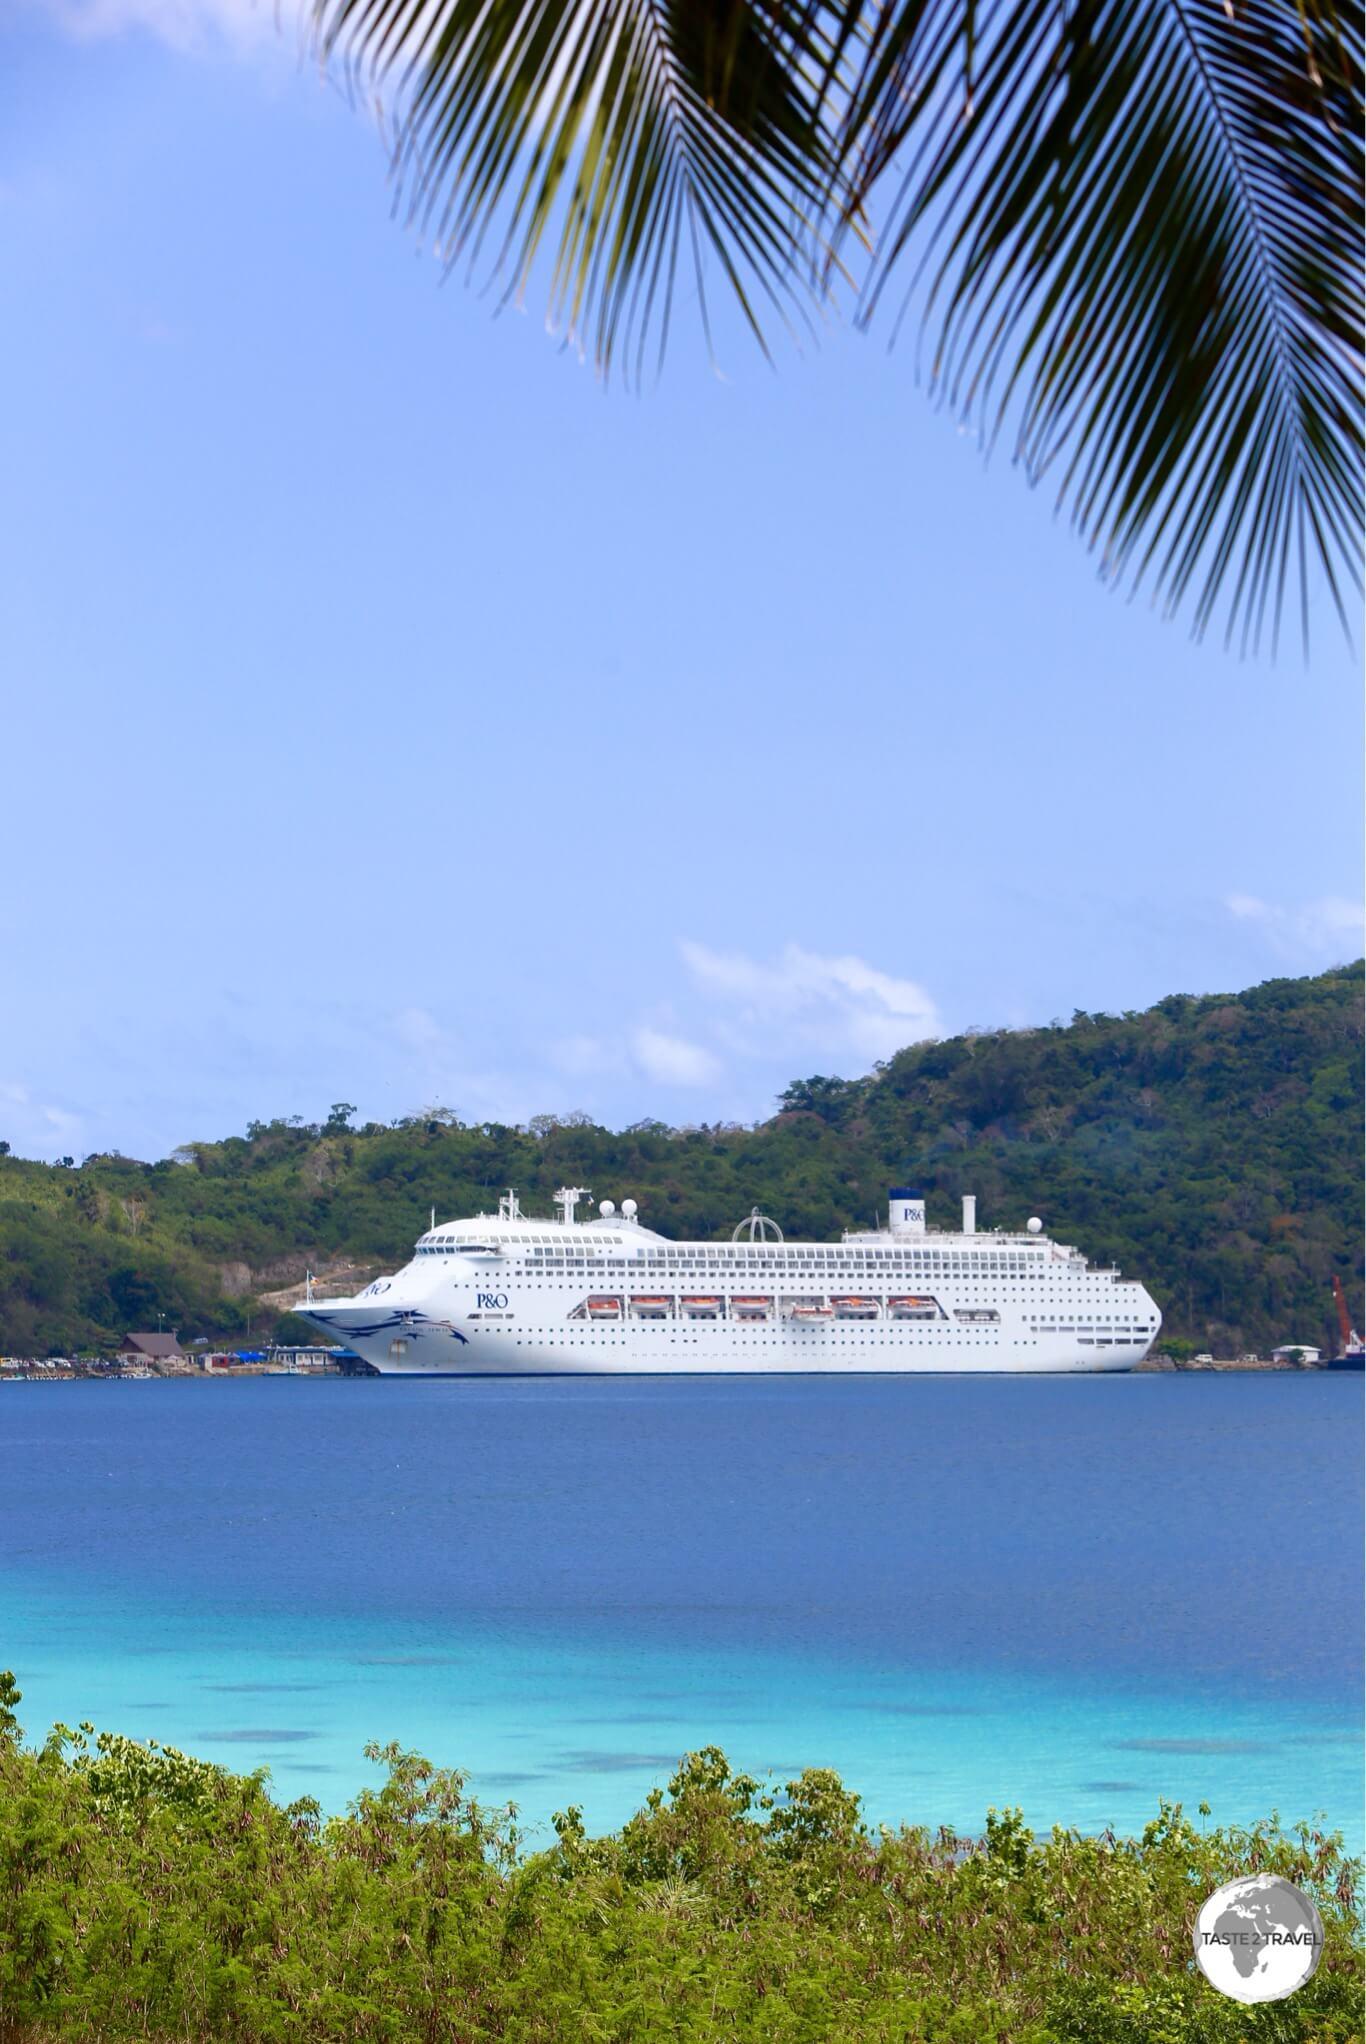 A P&O cruise ship in Port Vila.